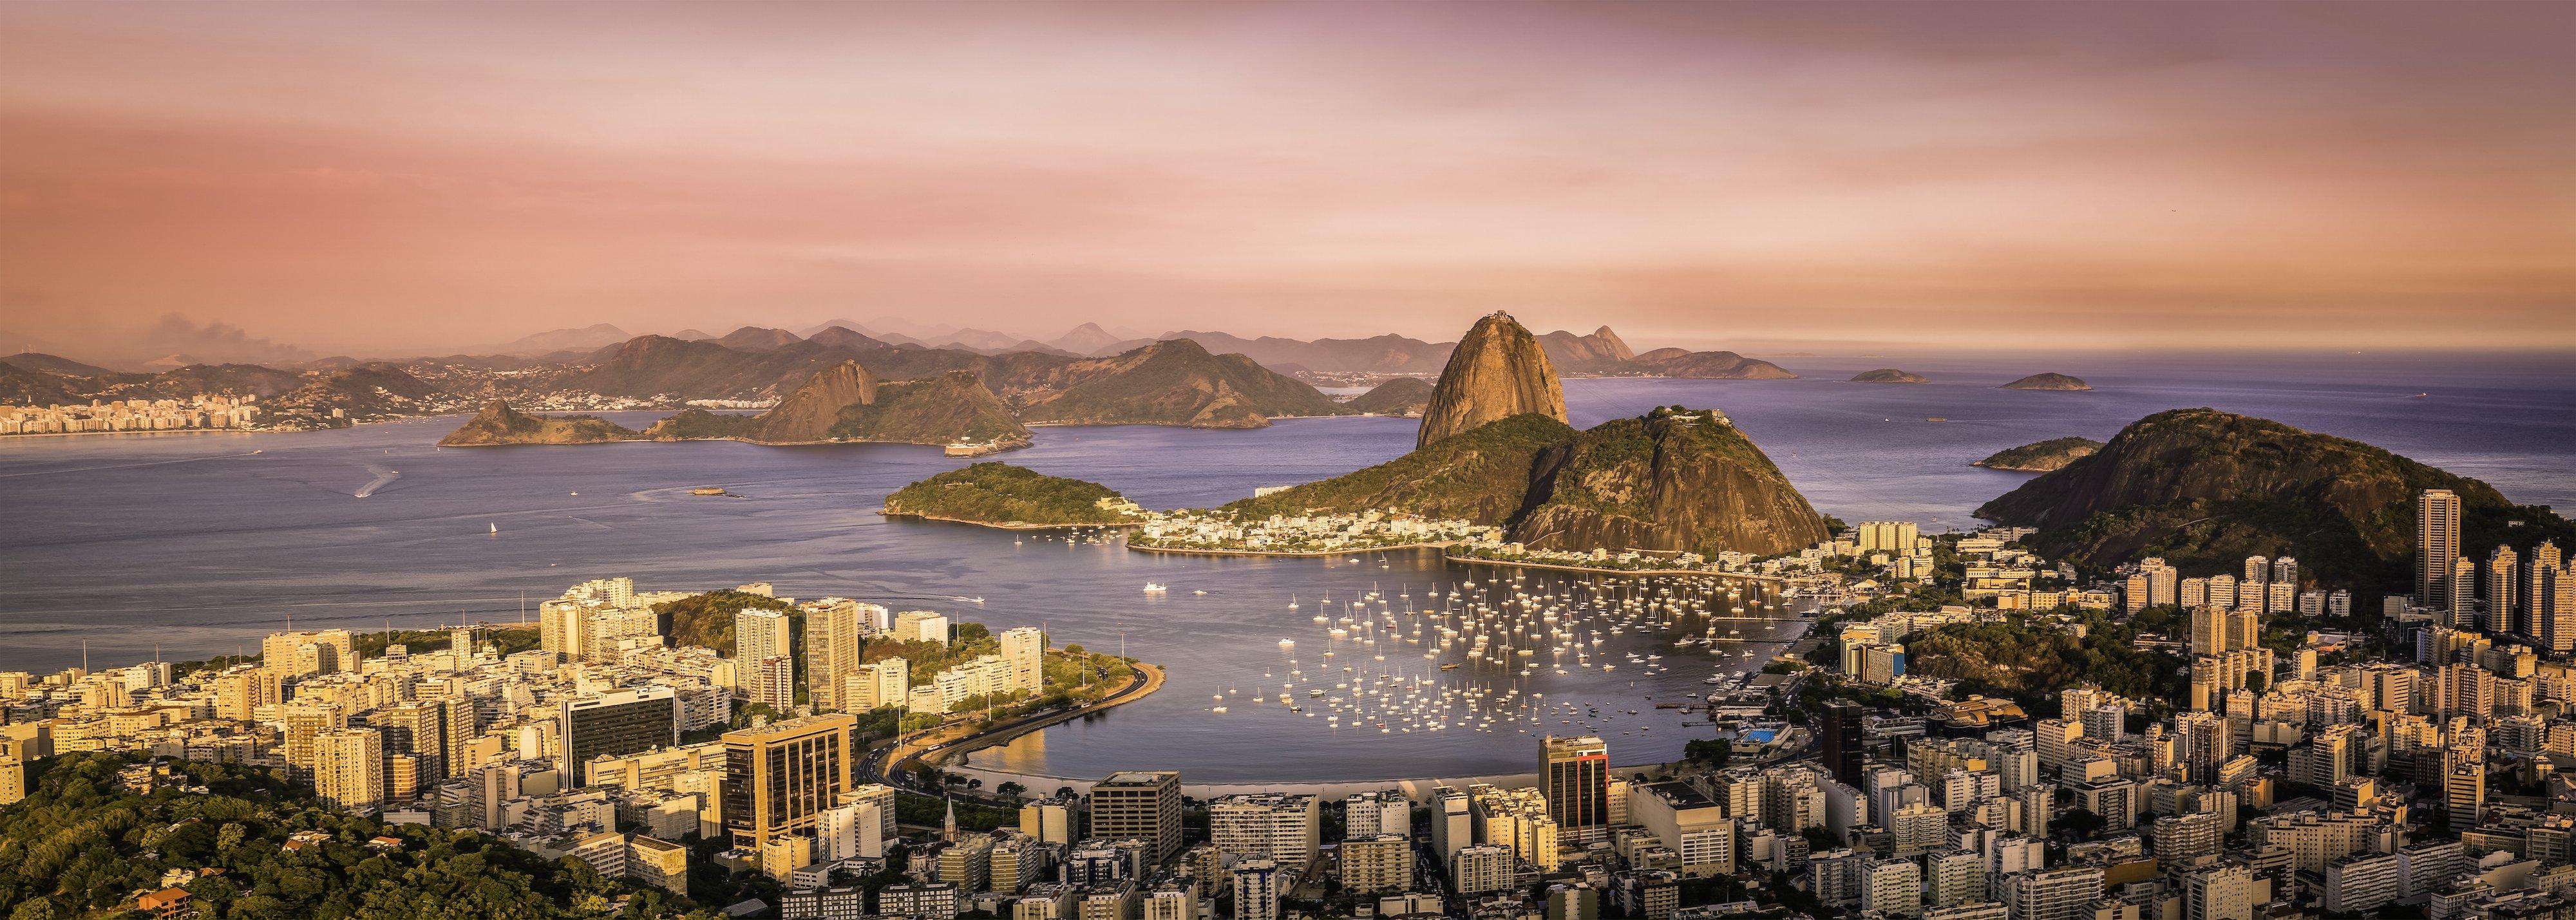 gratuit en ligne datant du Brésil angepasstes matchmaking WOT